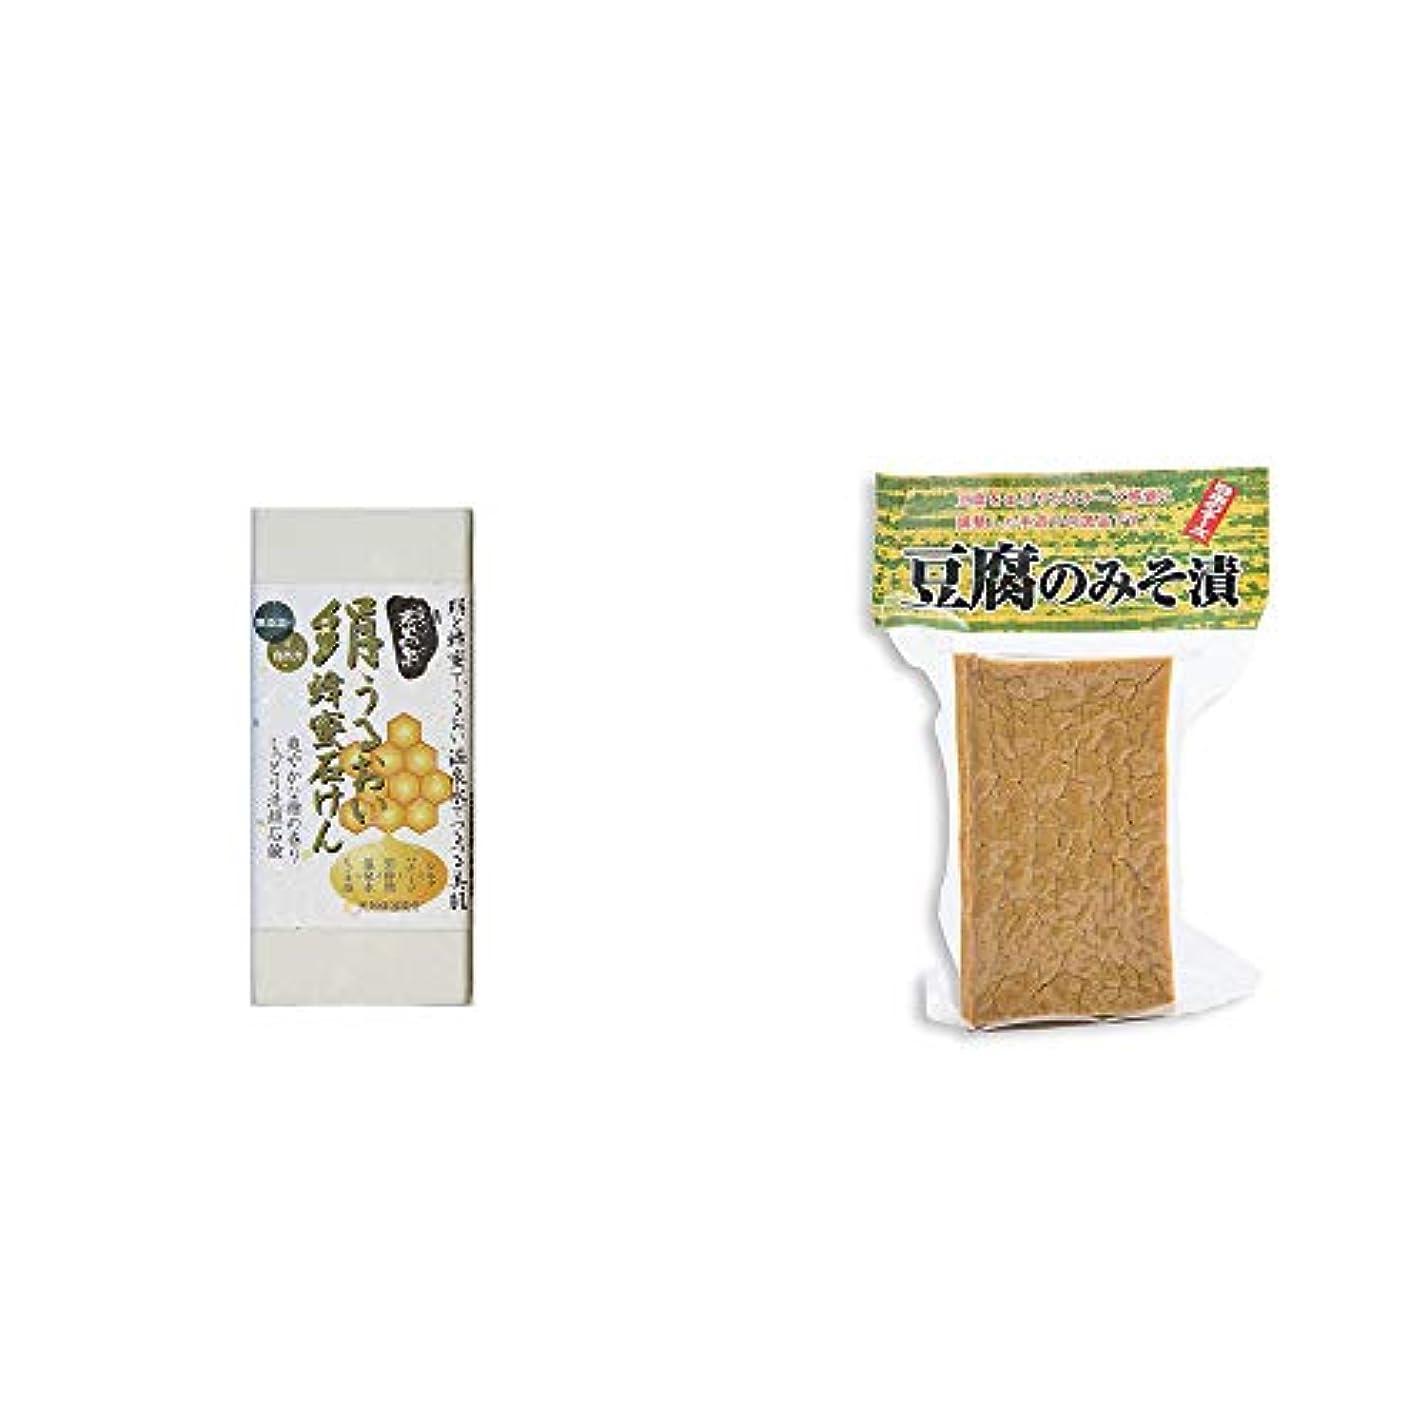 最高天才死傷者[2点セット] ひのき炭黒泉 絹うるおい蜂蜜石けん(75g×2)?日本のチーズ 豆腐のみそ漬(1個入)